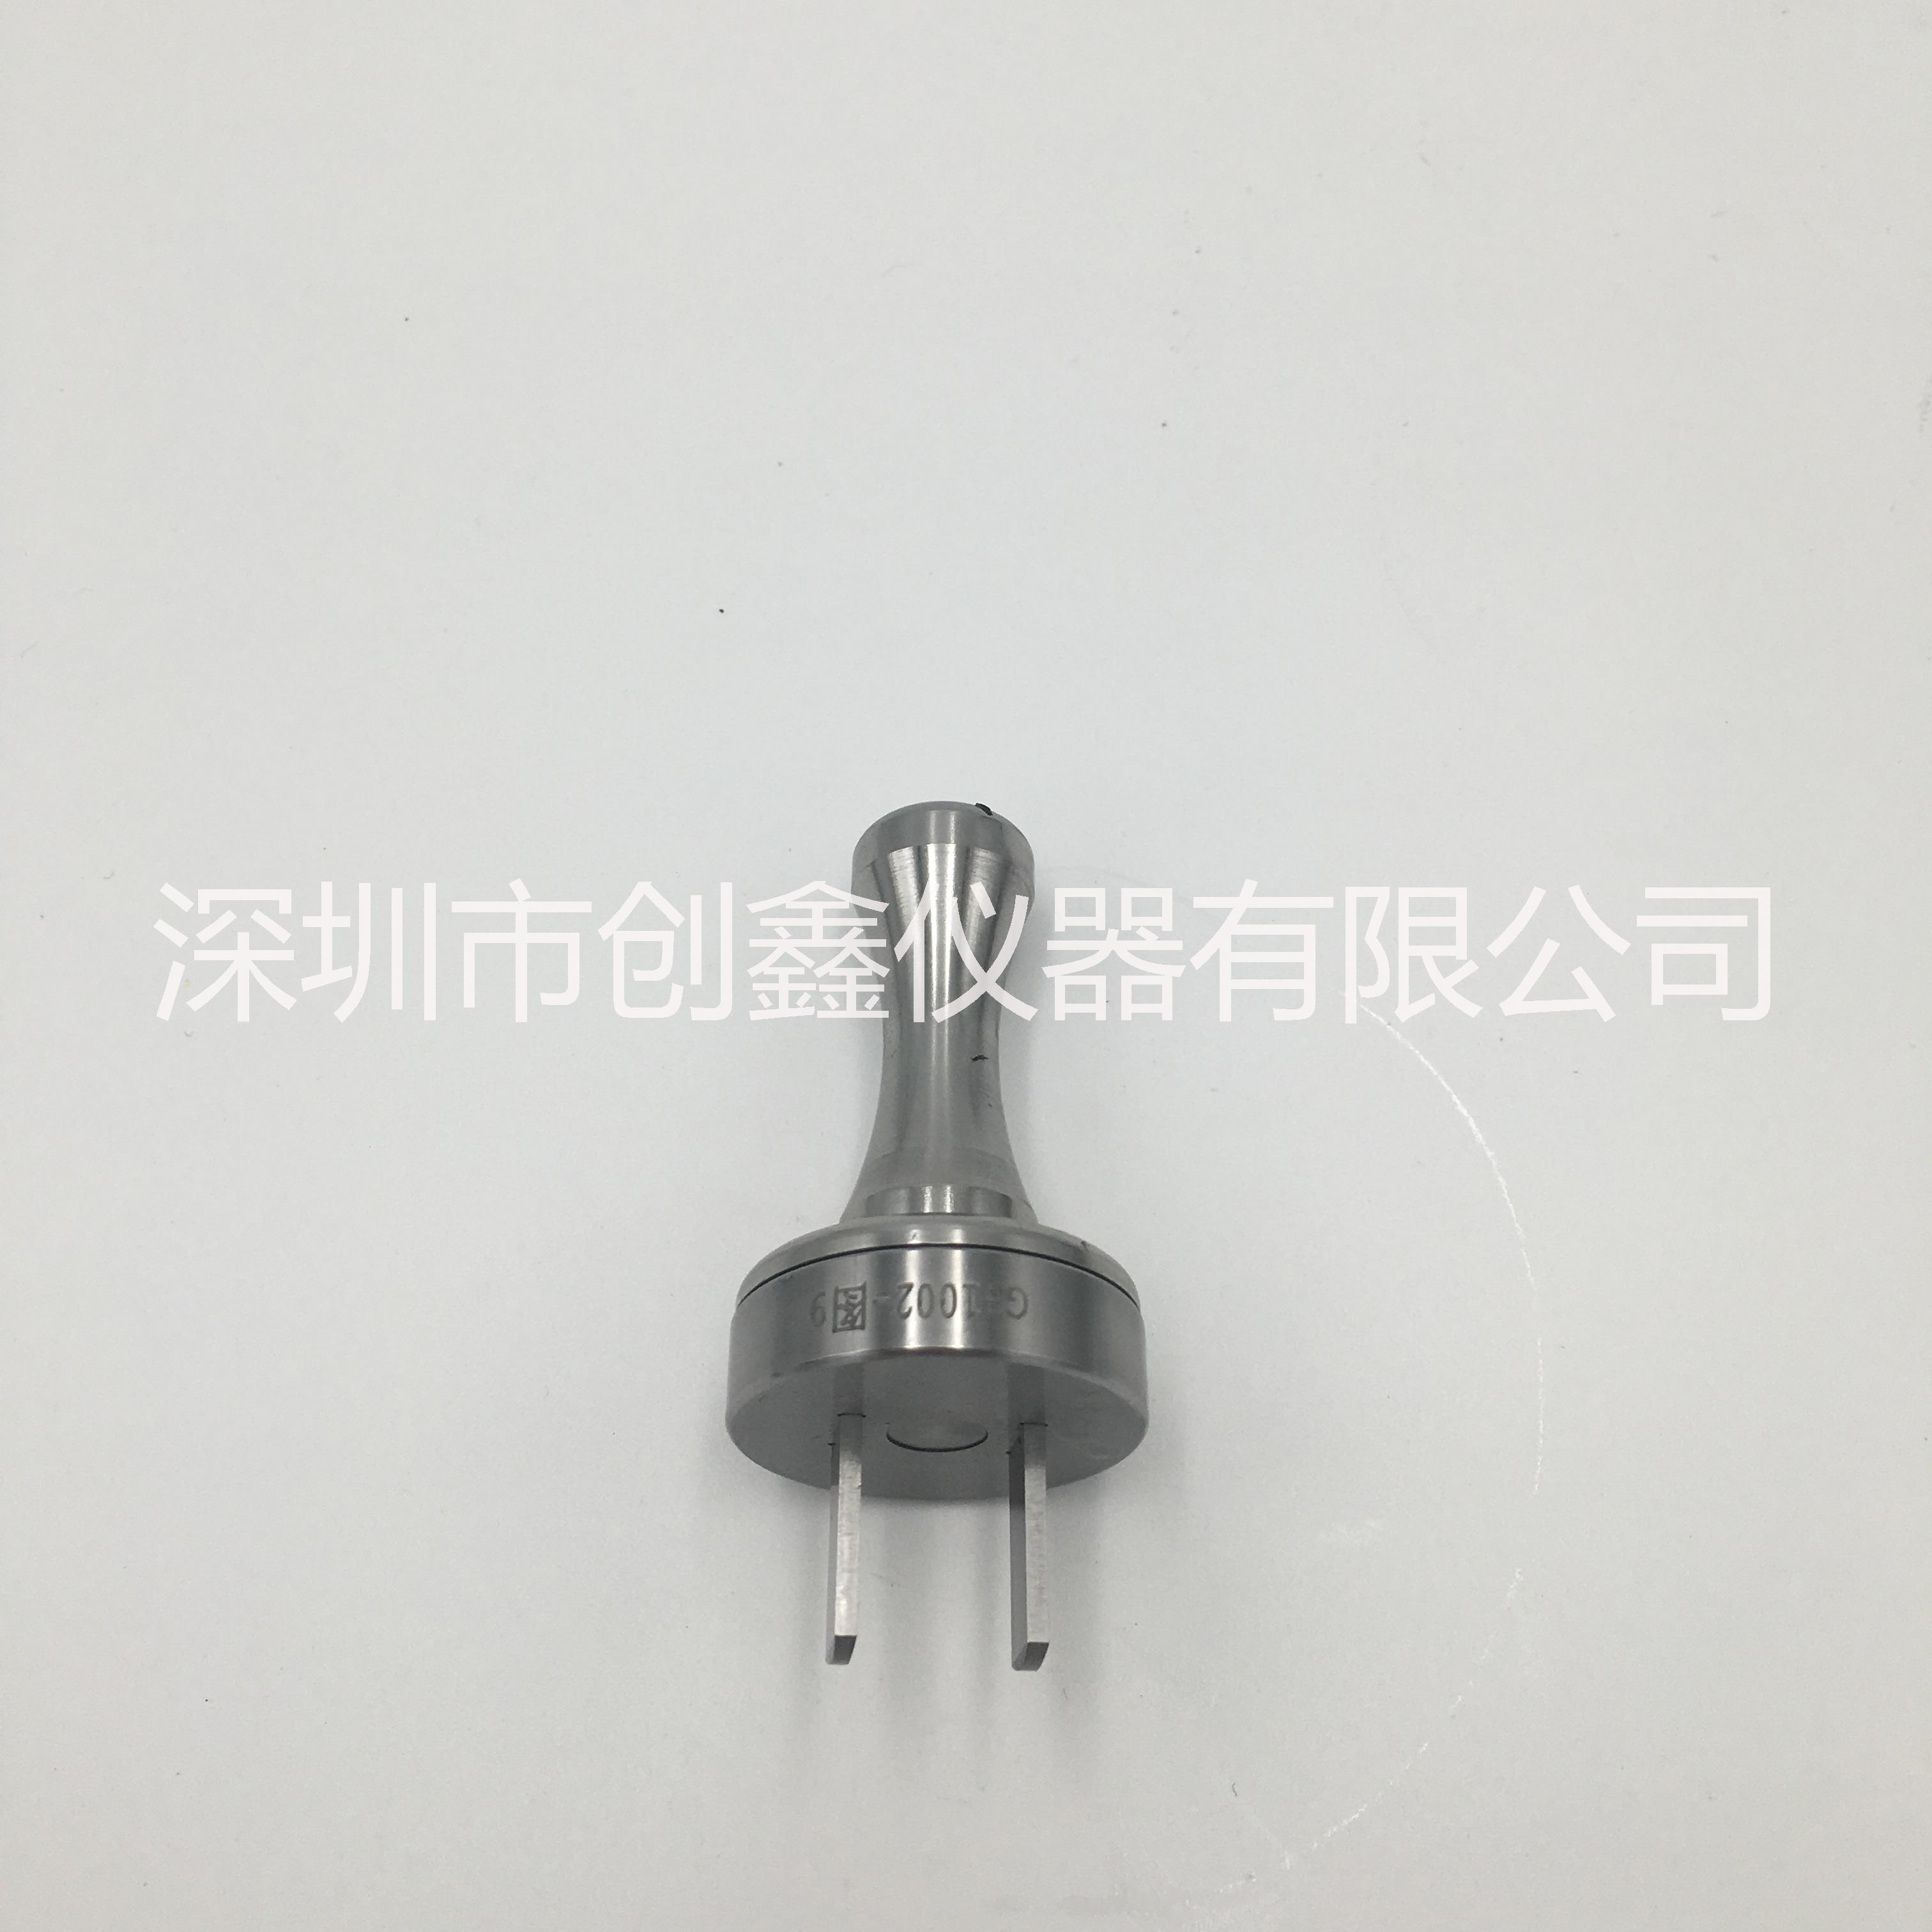 供应GB1002-2008国标插头插座量规 GB1002插头插座量规